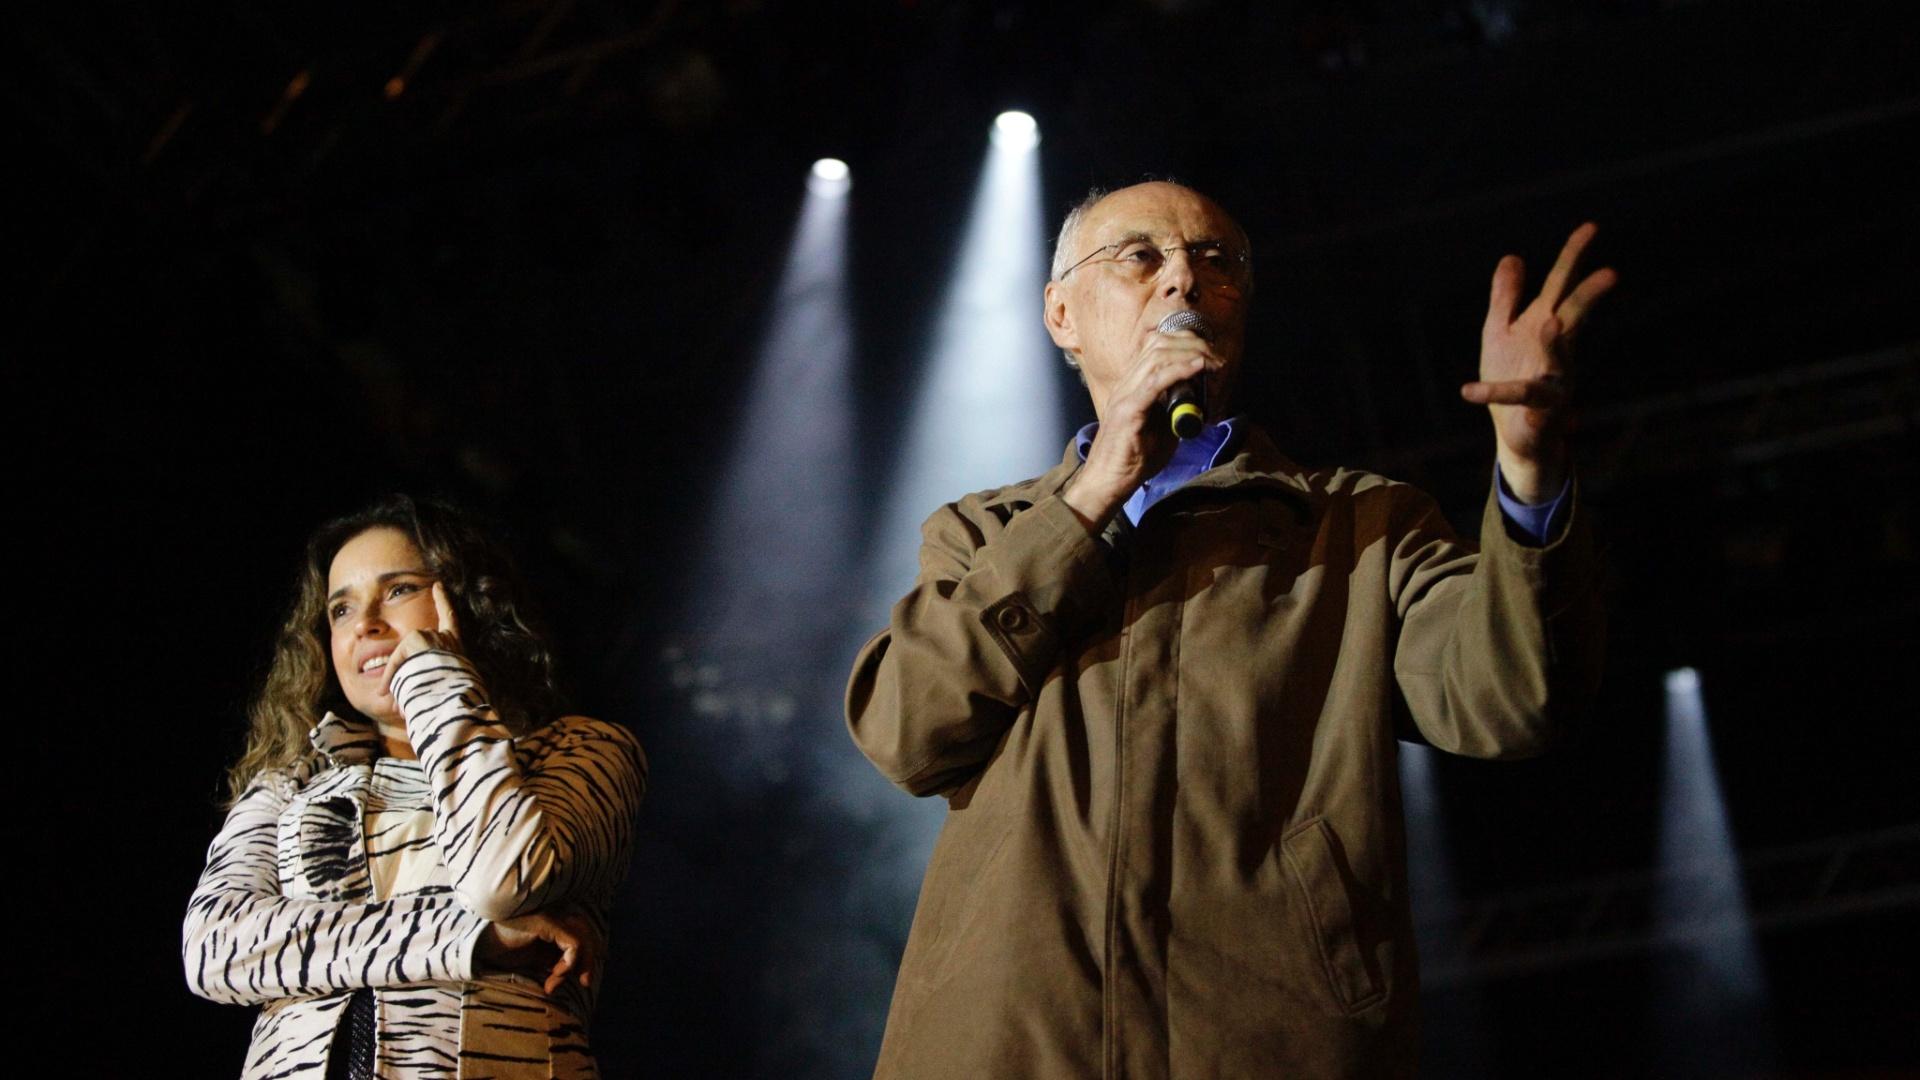 18.mai.2013 - O senador Eduardo Suplicy subiu ao palco do show de Daniela Mercury e revelou que teve a carteira furtada. Após o apelo, conseguiu reaver os documentos.